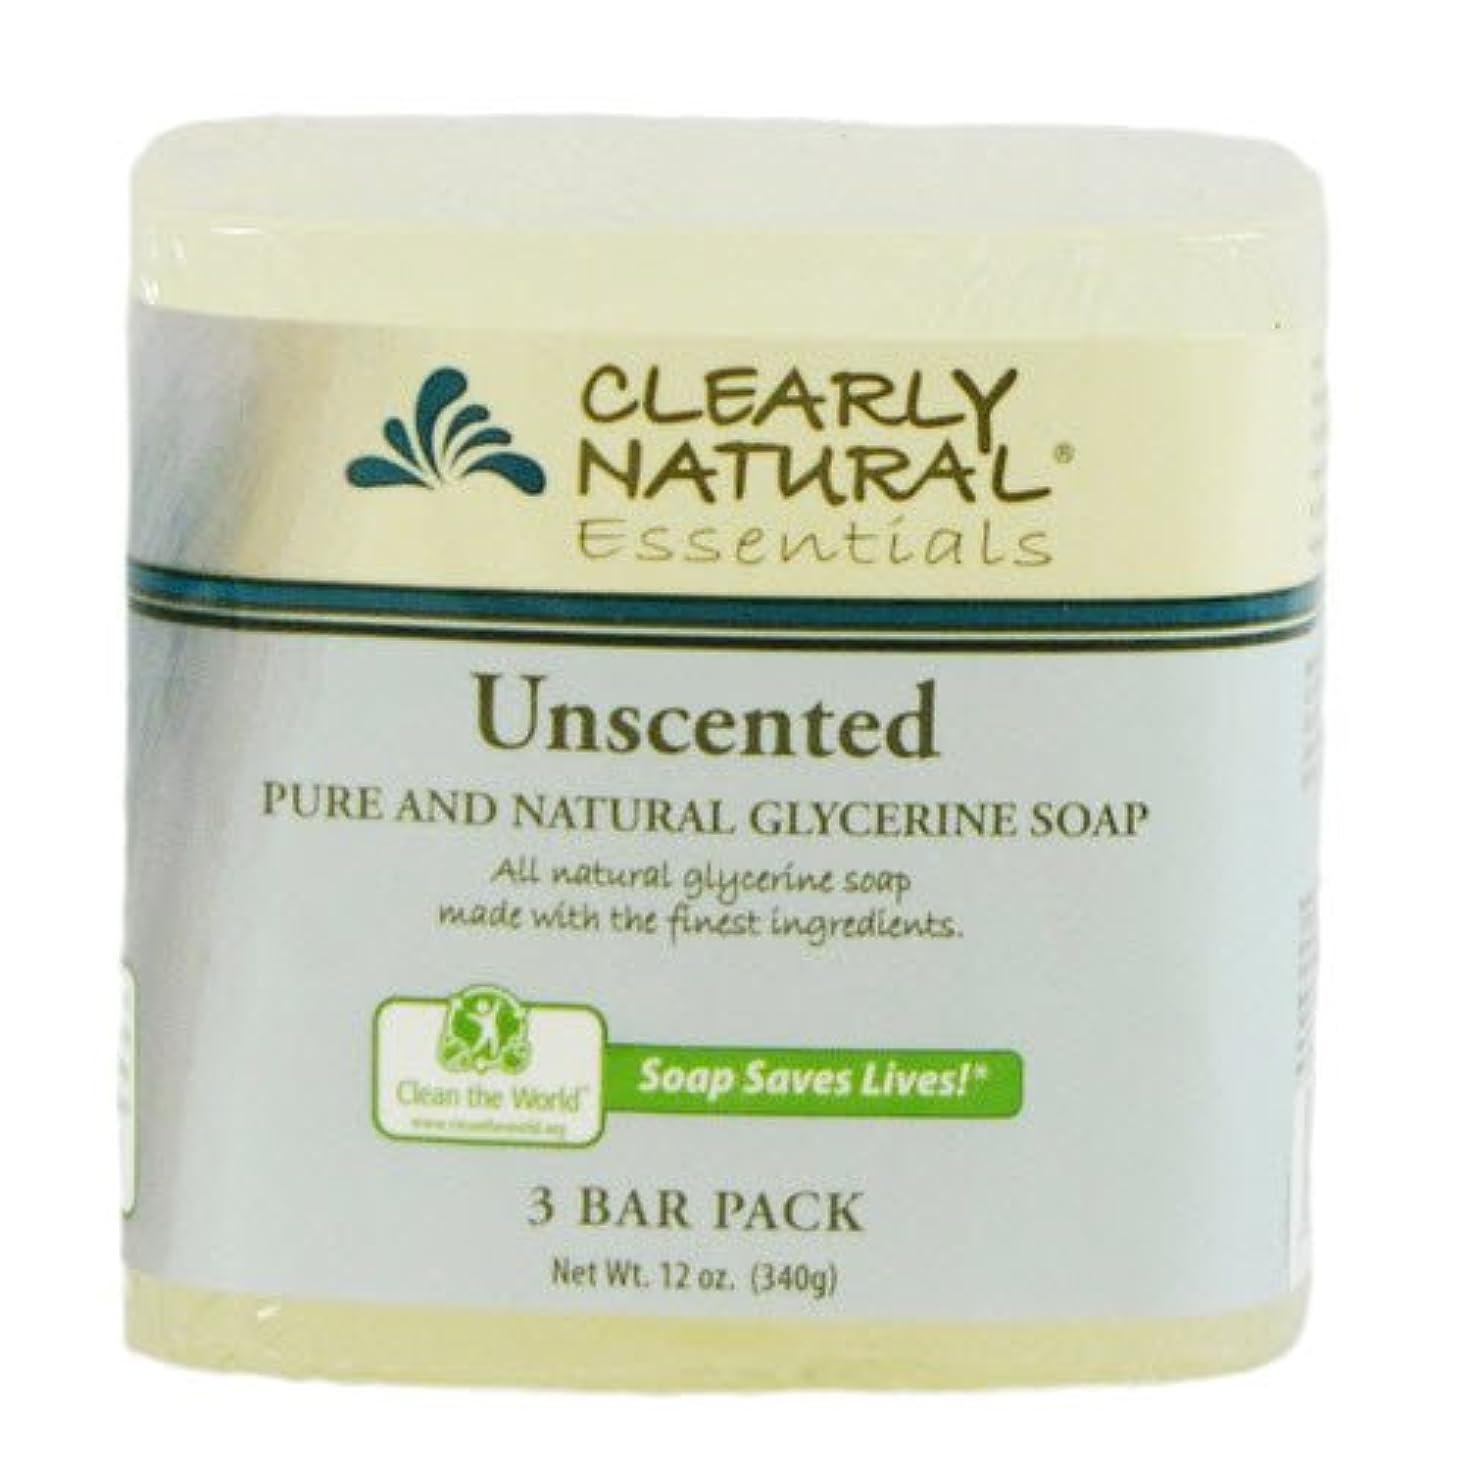 症状ジム感嘆符Clearly Natural, Pure and Natural Glycerine Soap, Unscented, 3 Bar Pack, 4 oz Each